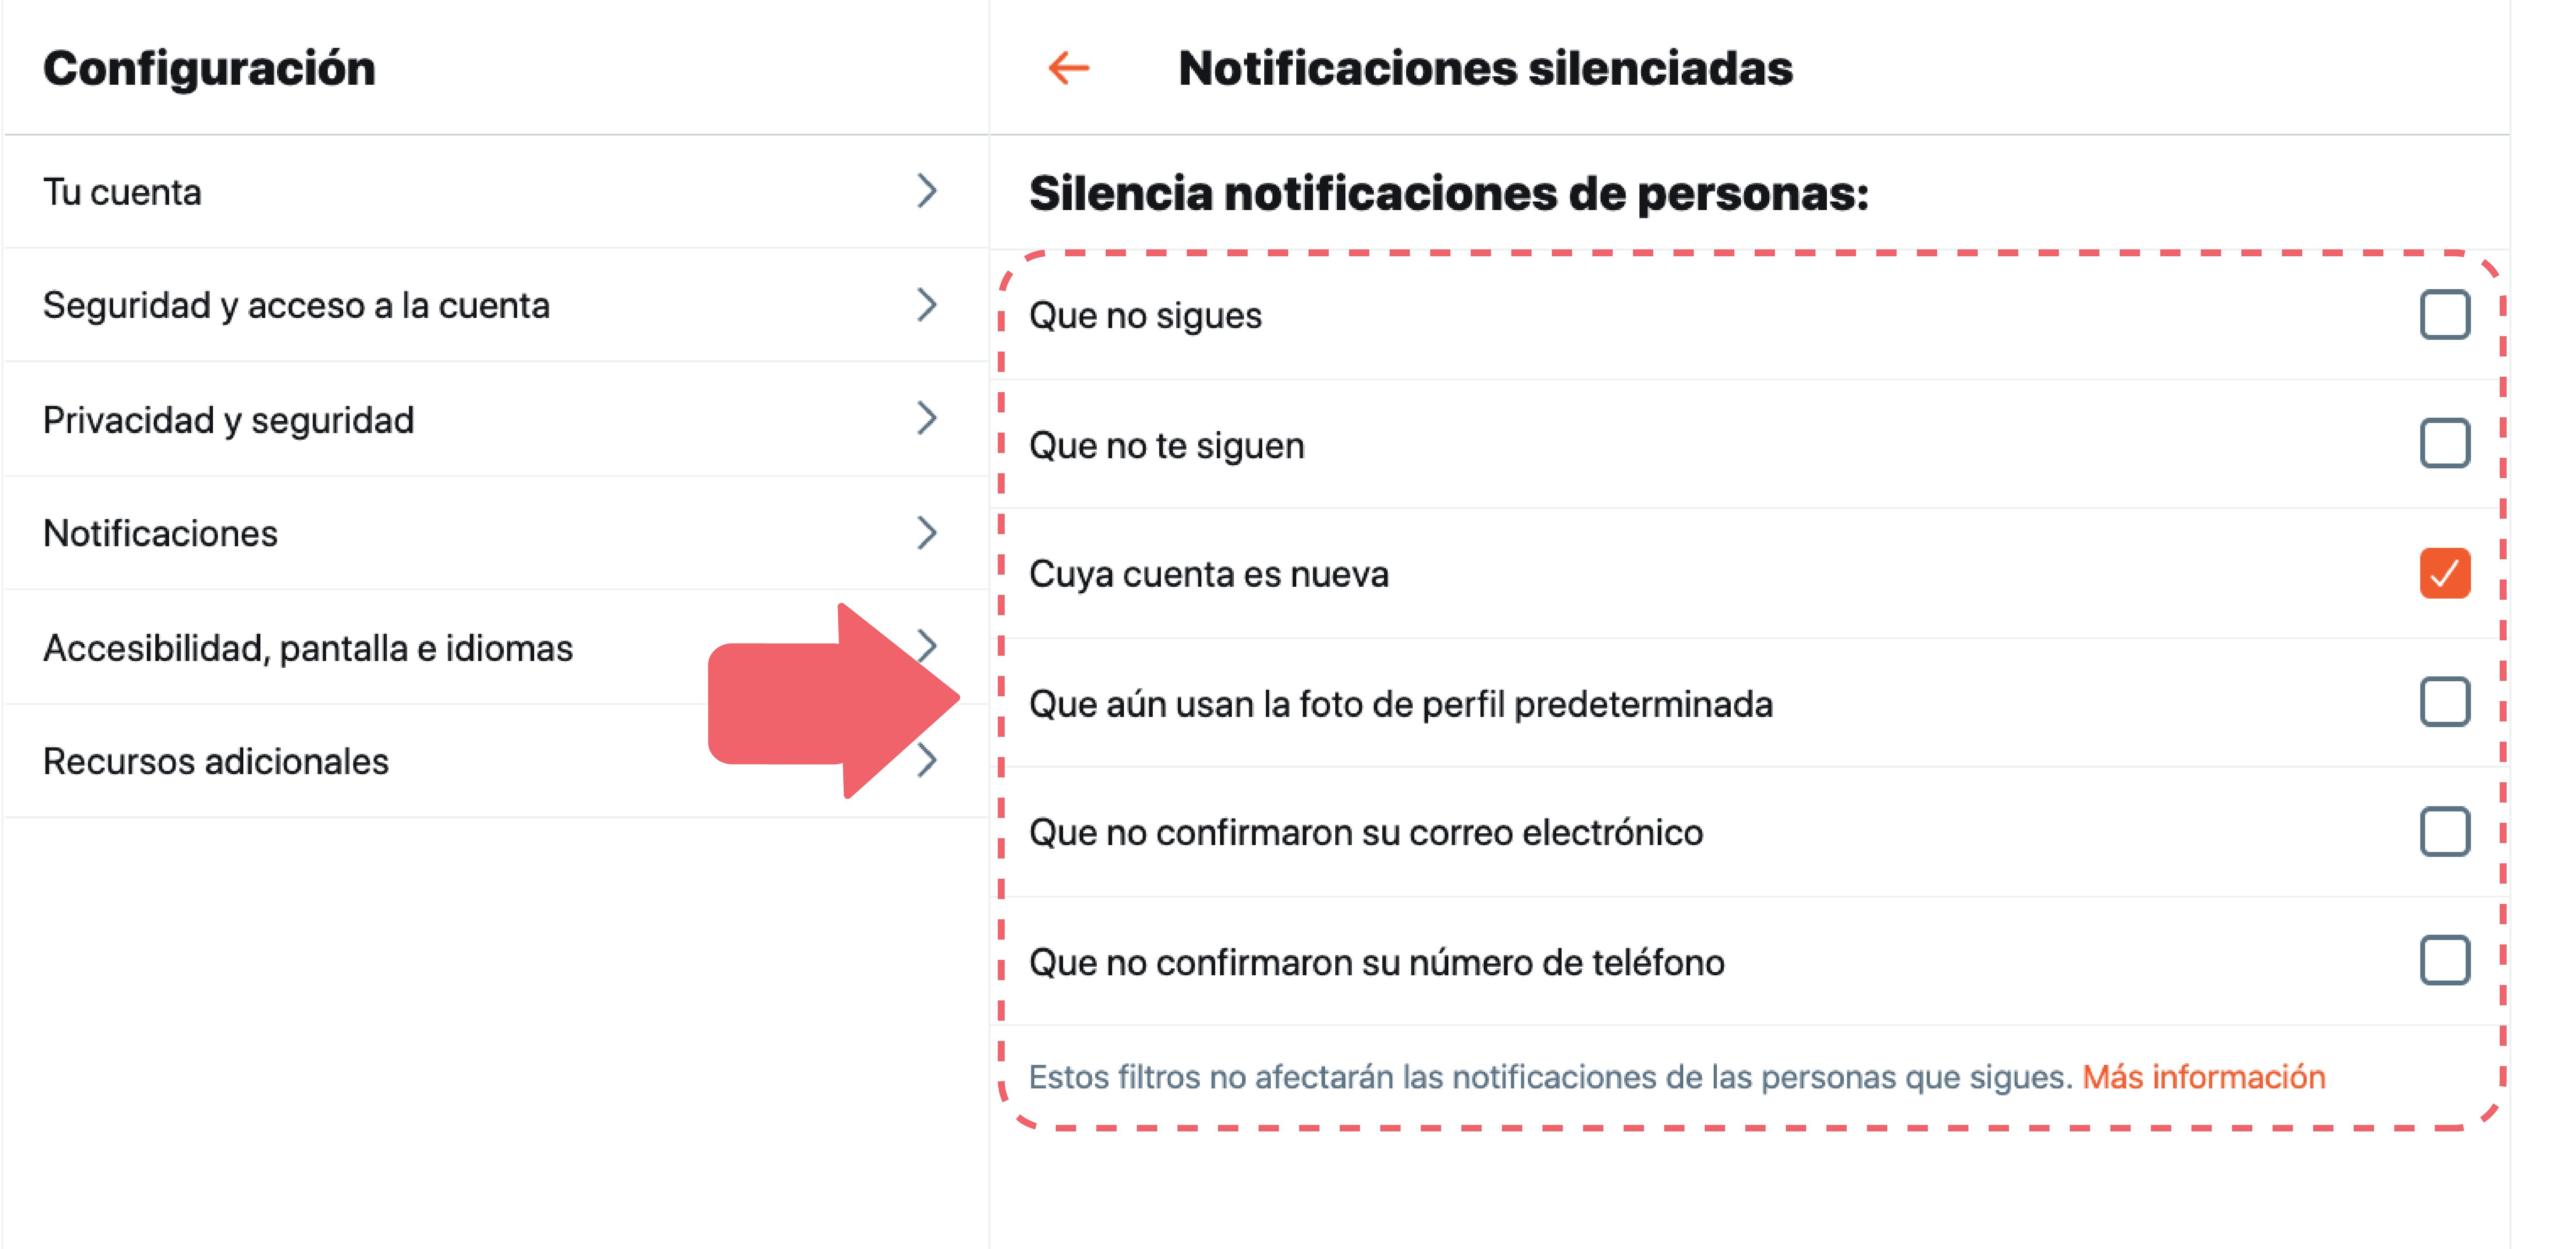 Aquí podrás silenciar las notificaciones de personas que no sigues, no te siguen, tienen una cuenta nueva, no tienen foto o no han confirmado su correo o su número telefónico.